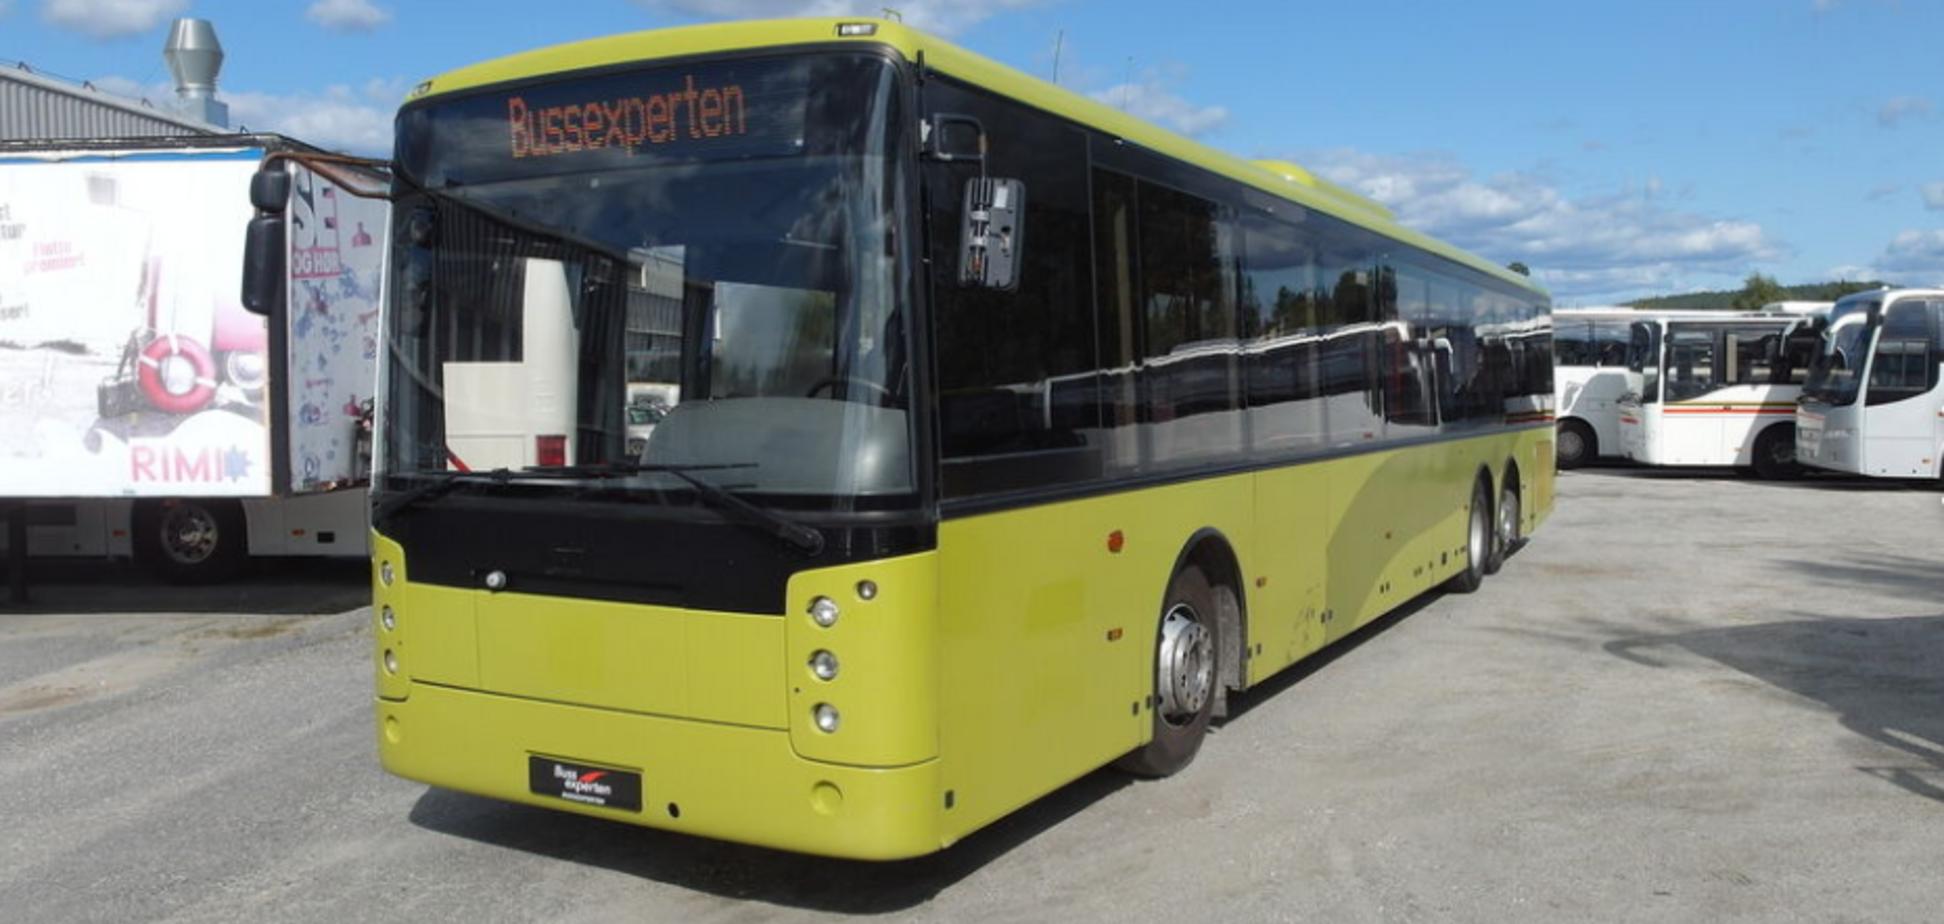 У Дніпрі автобуси №146 змінять схему руху: новий маршрут